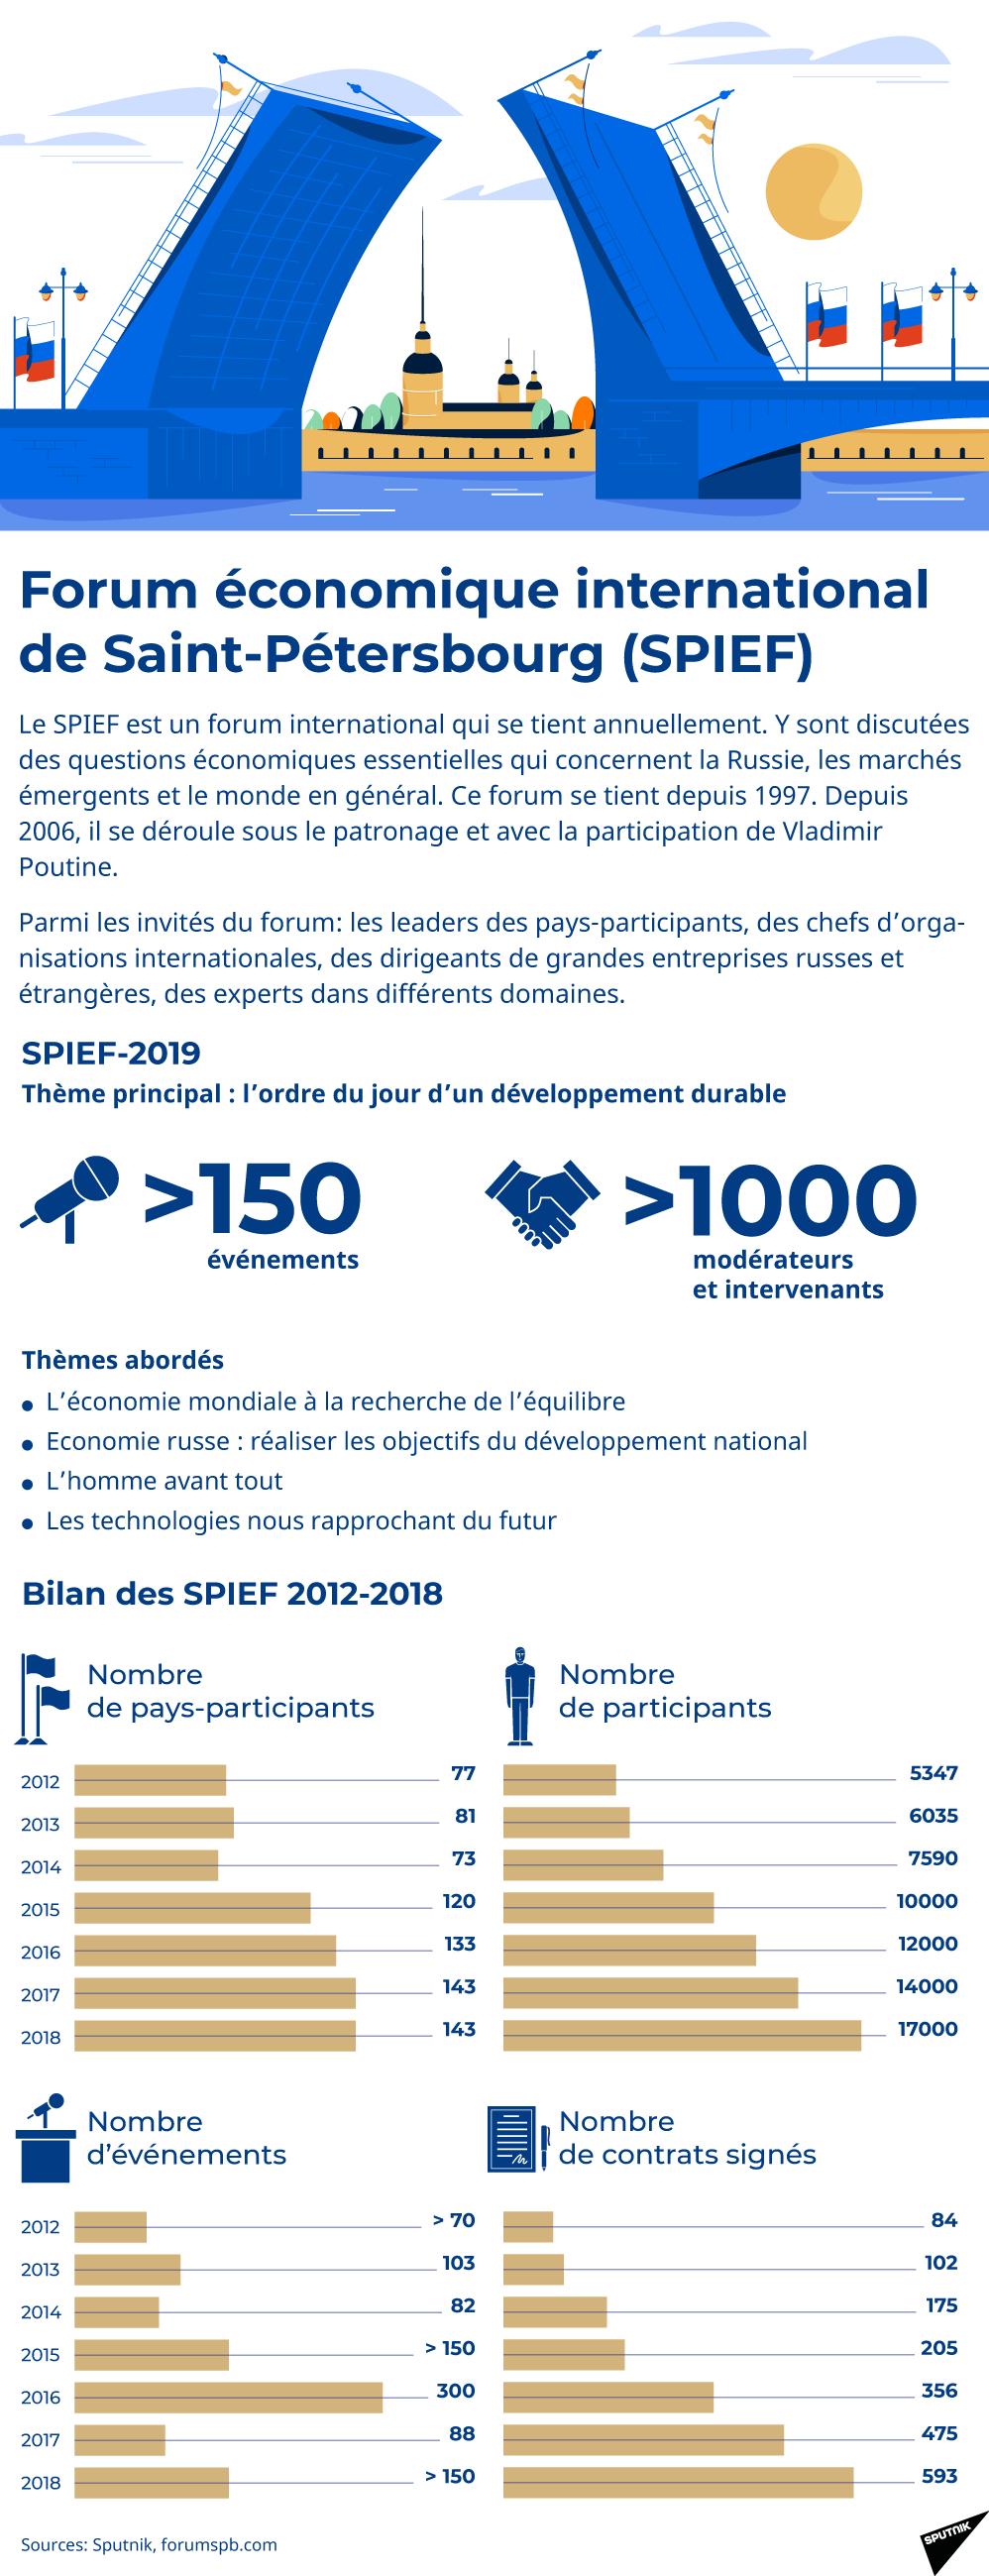 Forum économique international de Saint-Pétersbourg (SPIEF)